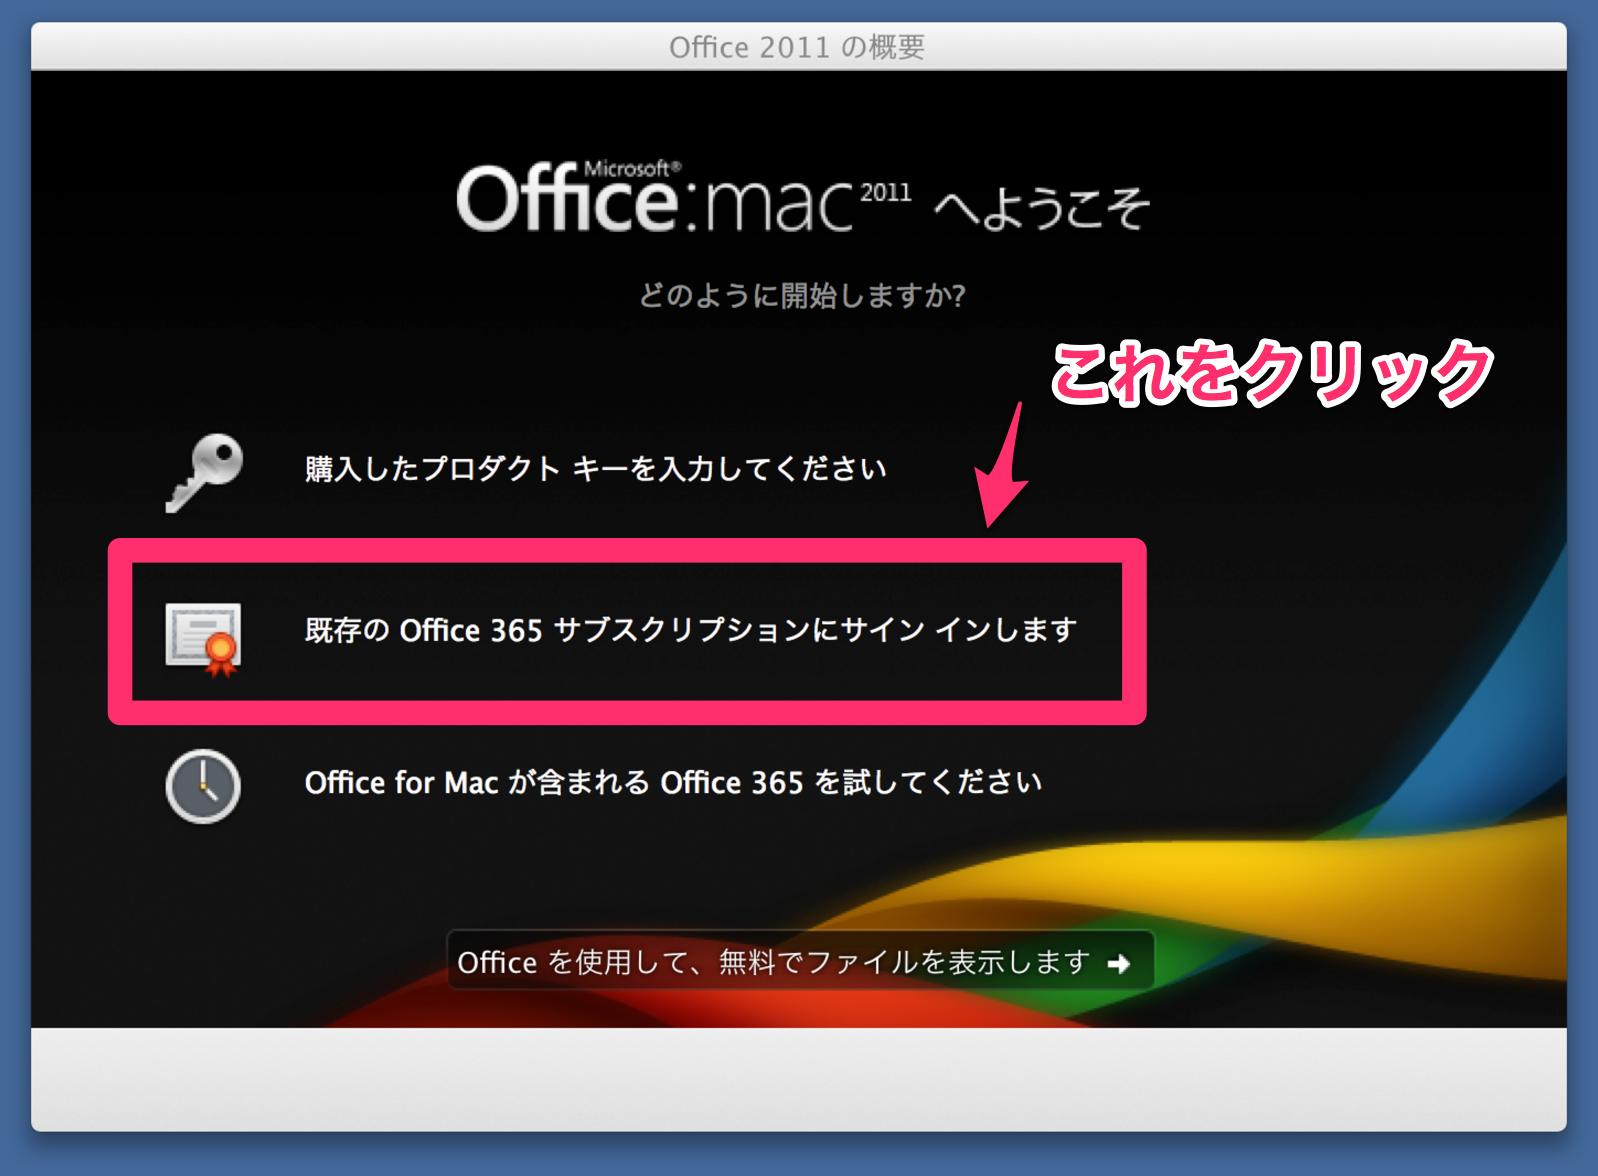 Office 2011 の概要